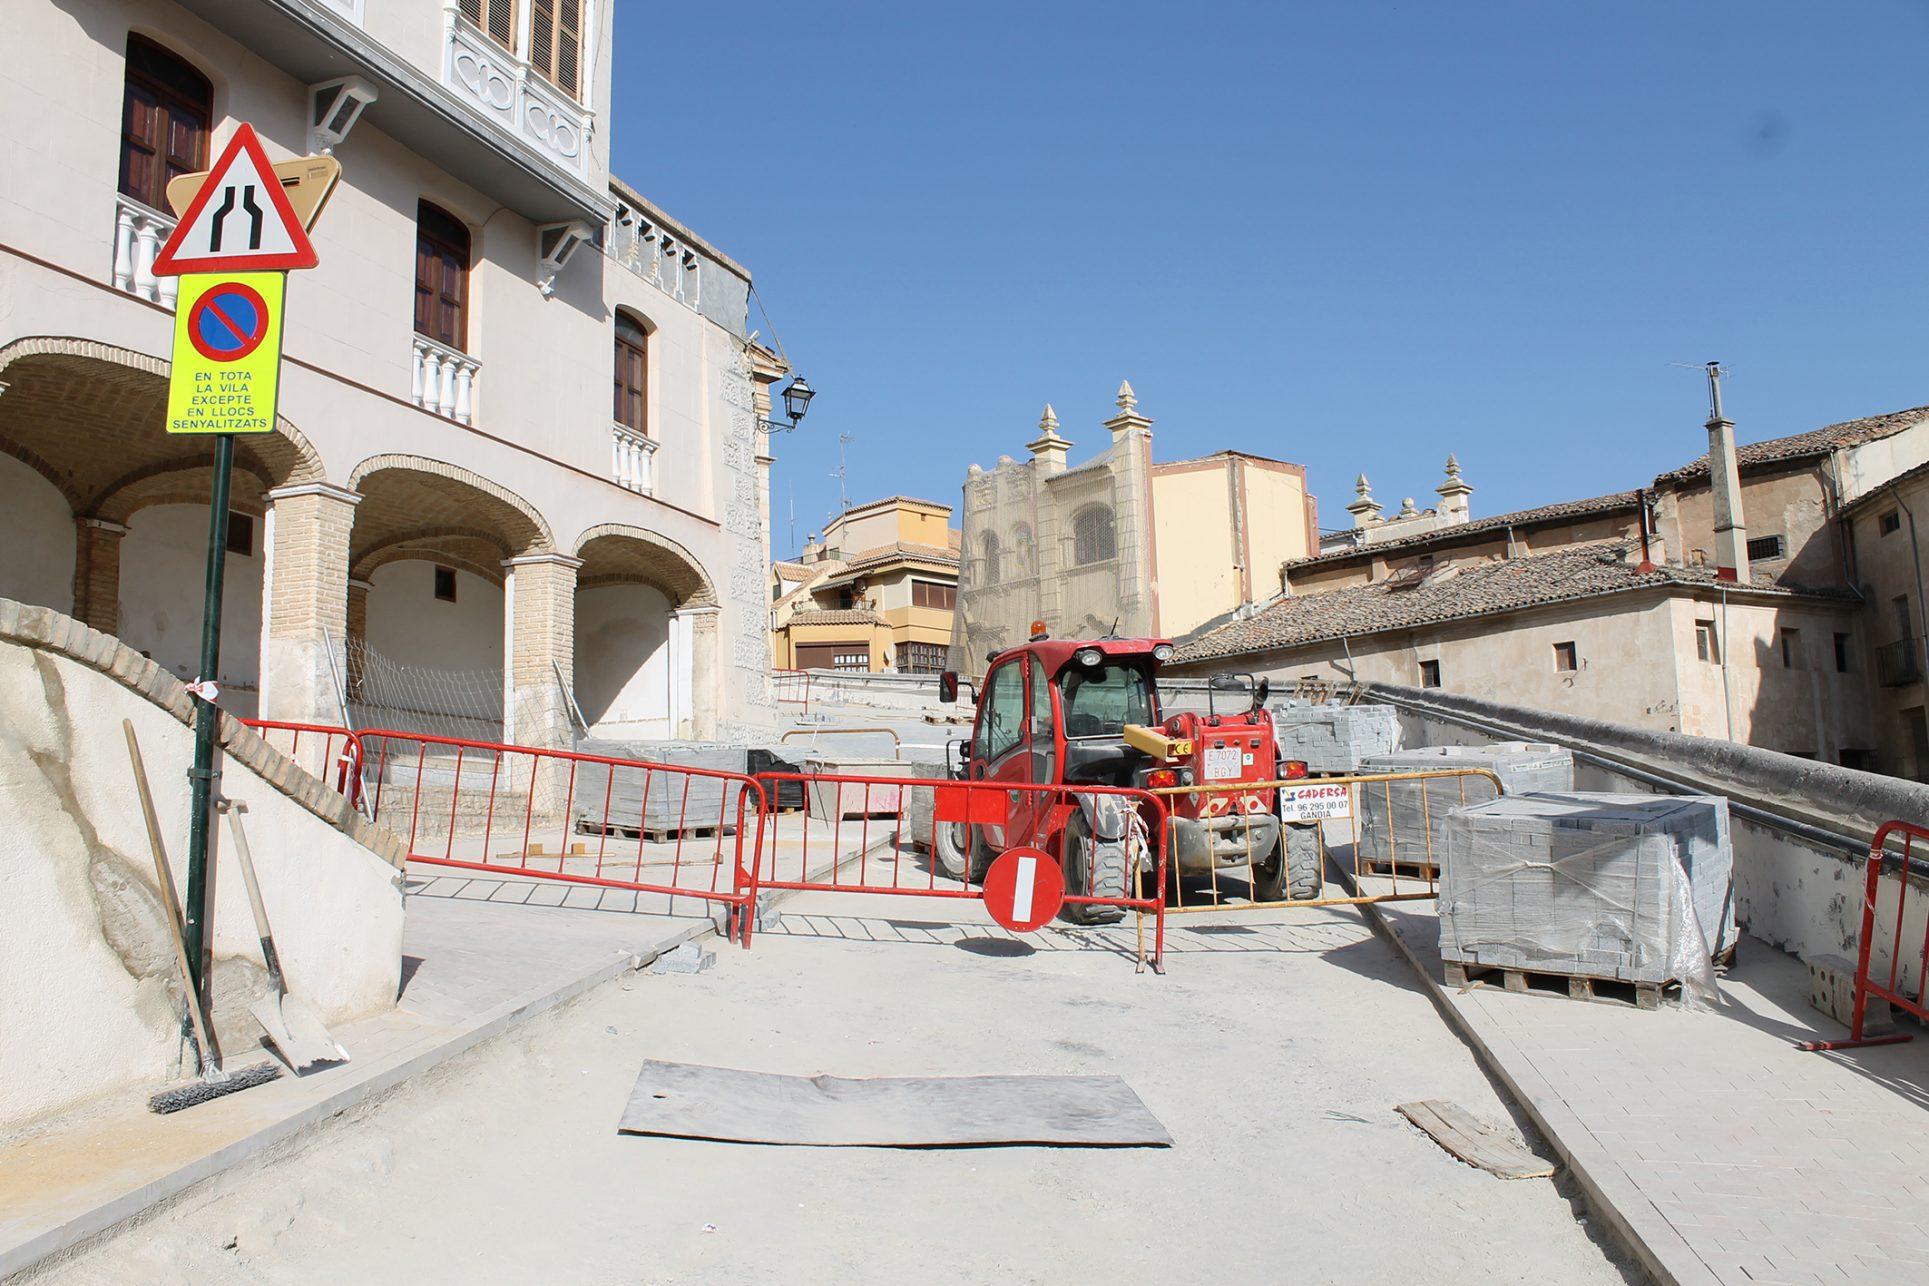 Les obres en la Vila provoquen malestar entre els veïns del barri El Periòdic d'Ontinyent